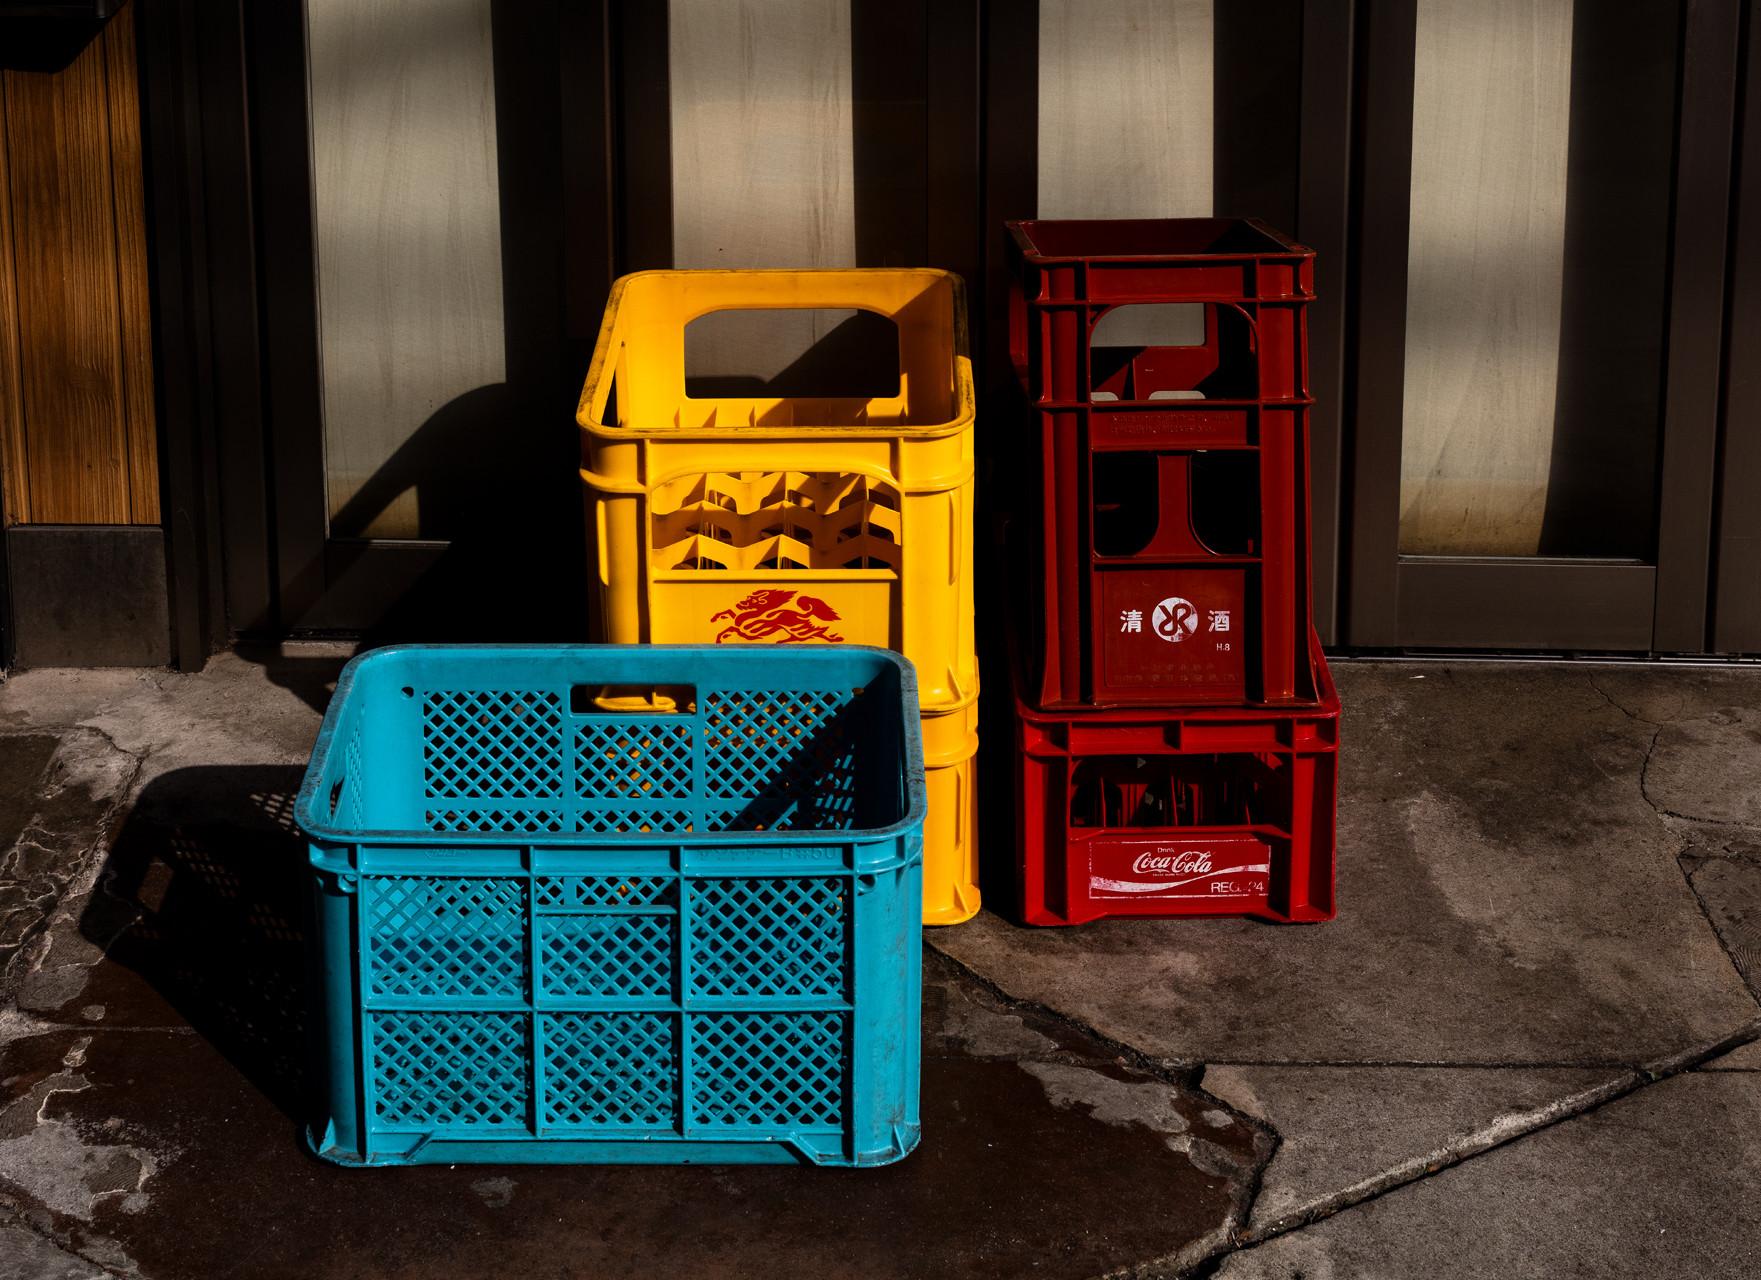 STREET-PHOTOGRAPHY-2-JUANMI-MARQUEZ-1761x1280